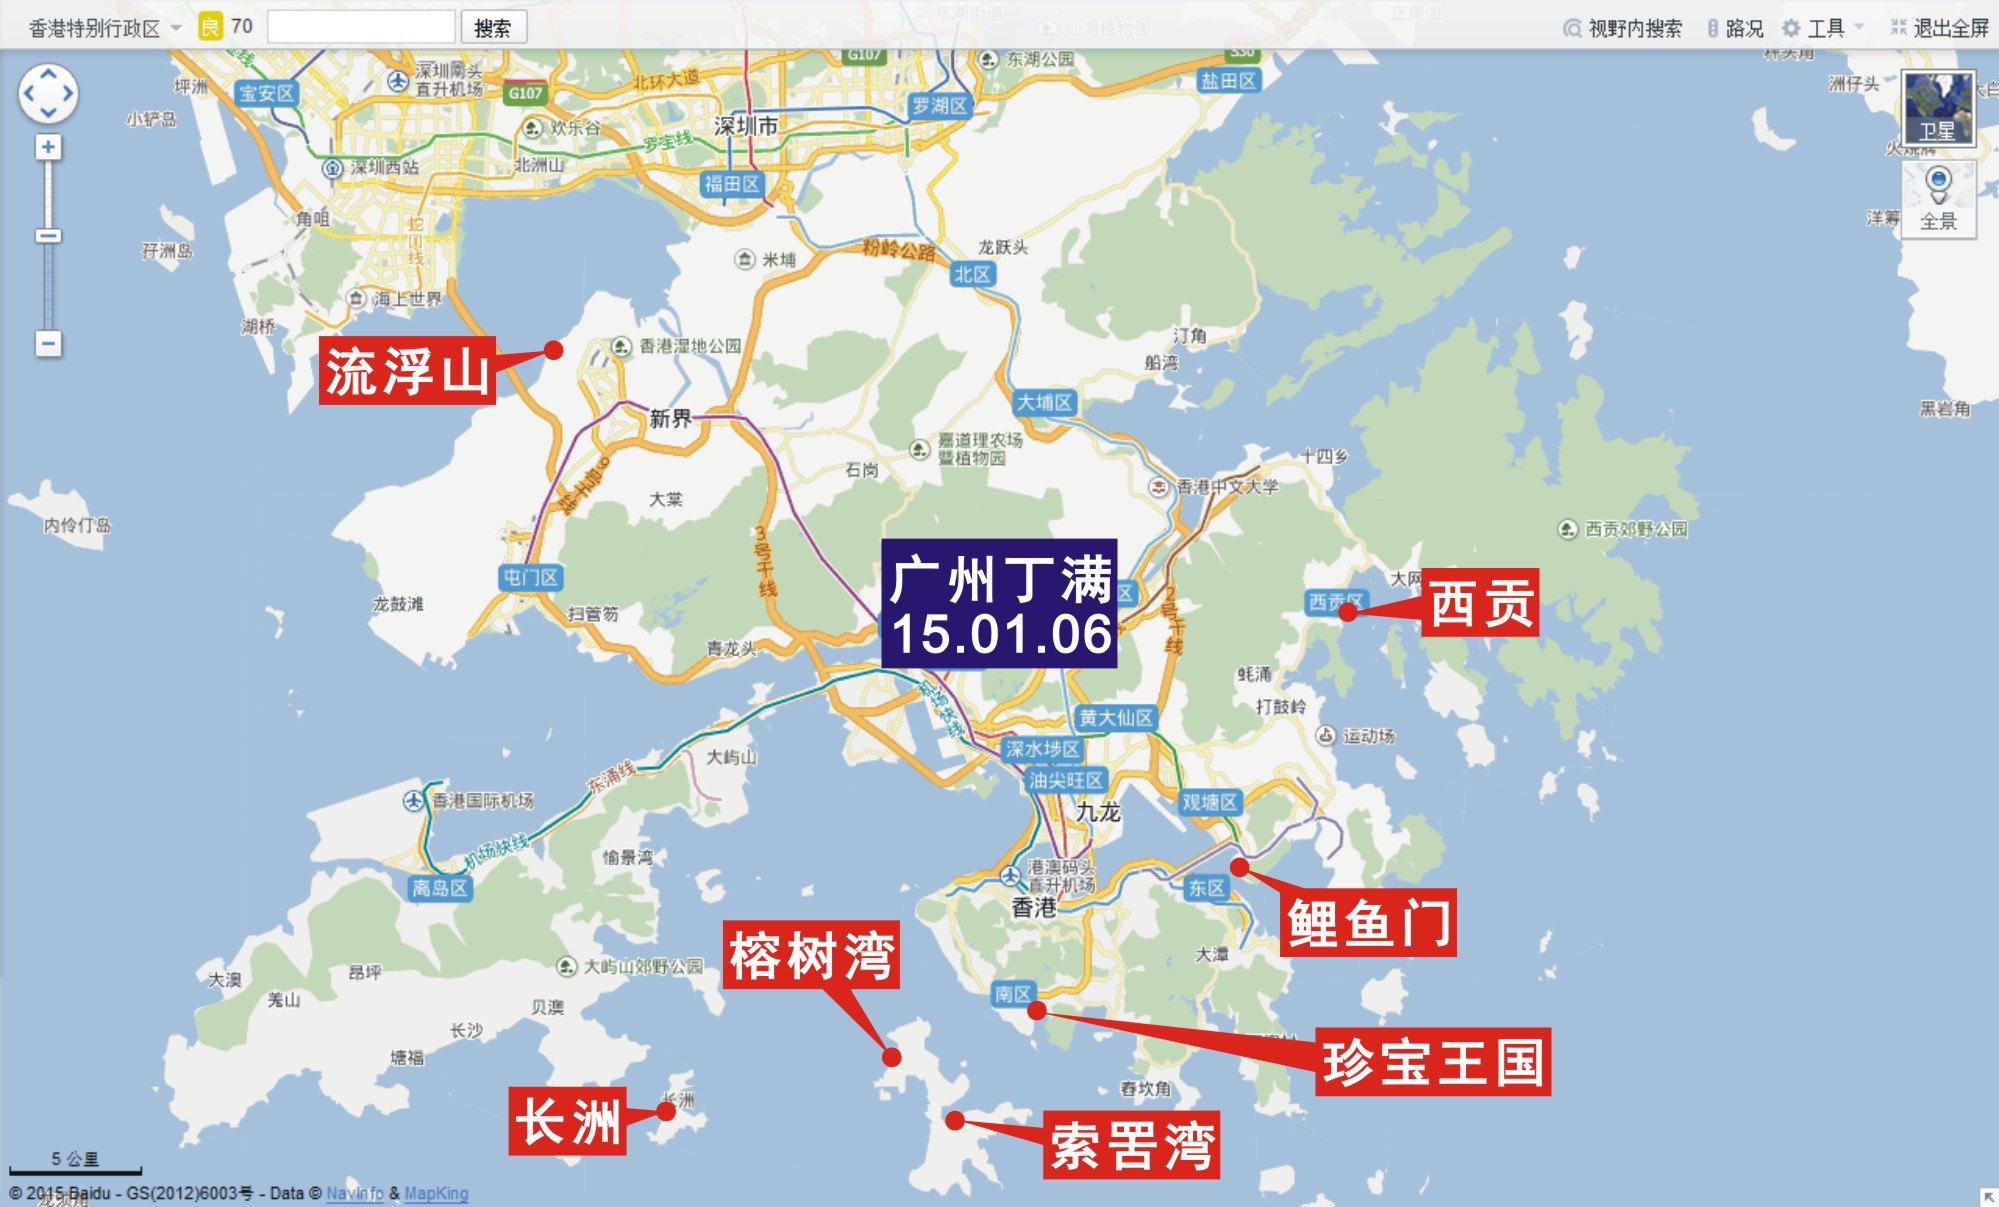 港岛 新界 九龙地图